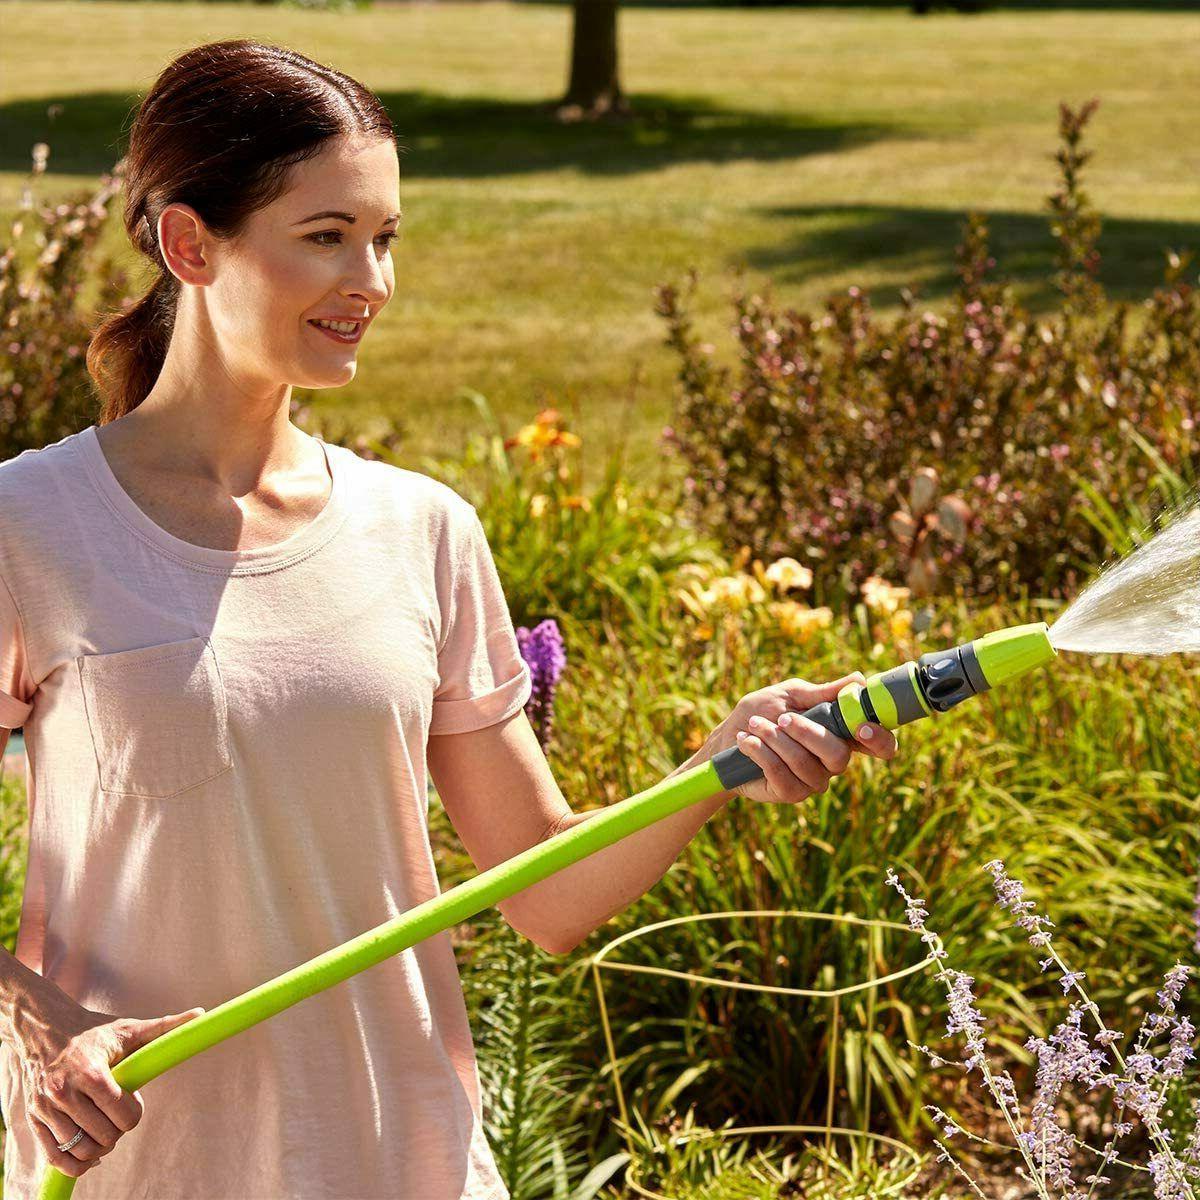 Garden Lead-in Hose, in. x Heavy Duty, Lightweight, Drinking Water